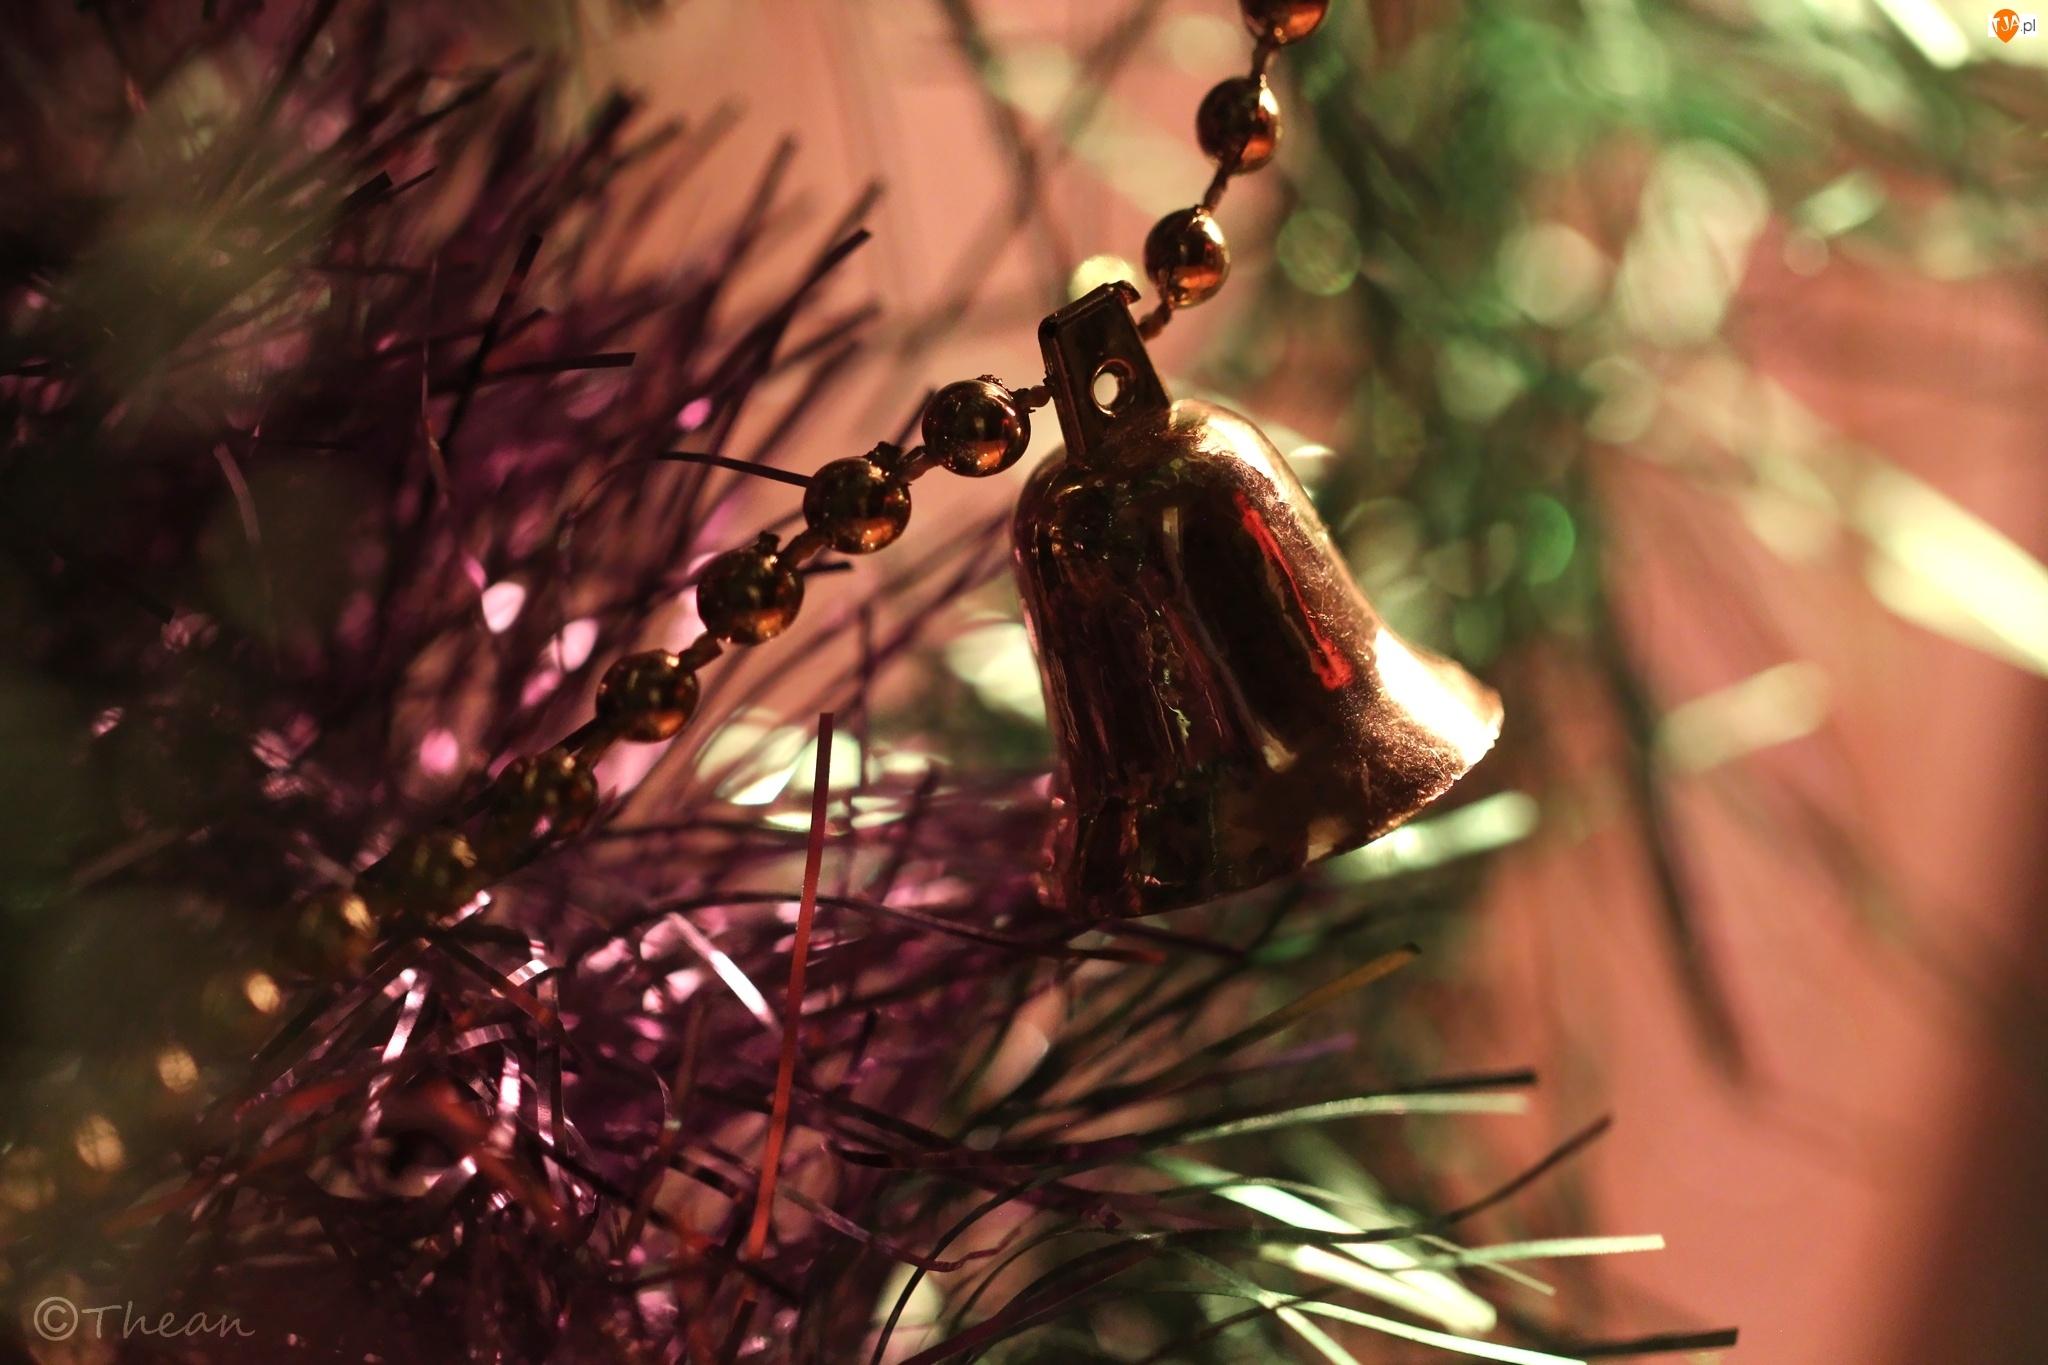 Ozdoba, Boże, Złoty, Narodzenie, Dzwonek, Święta